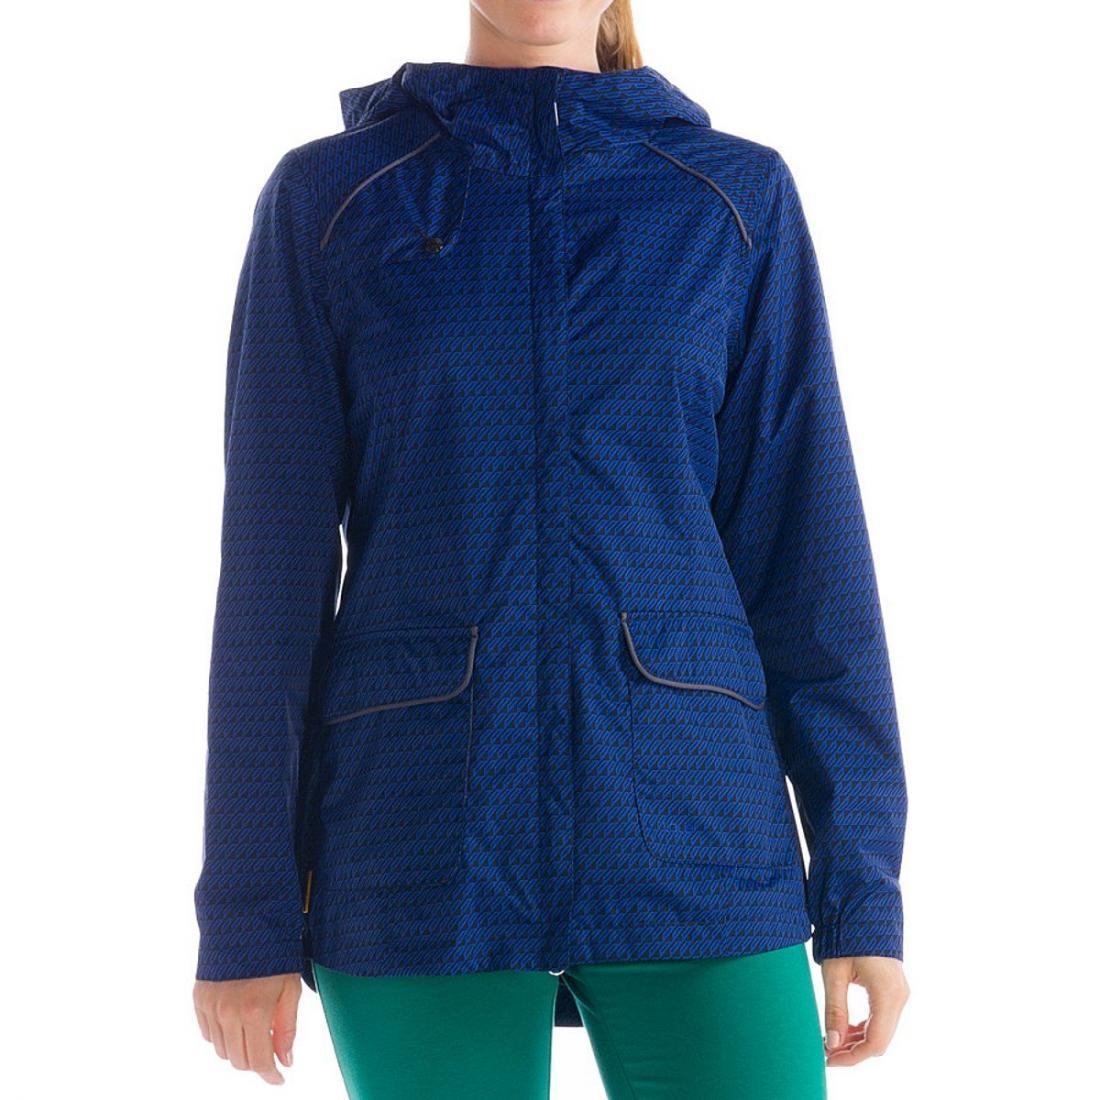 Куртка LUW0229 CAMDEN JACKETКуртки<br>CAMDEN JACKET – легкая женская куртка с капюшоном, которая может использоваться как ветровка, часть спортивной экипировки  или в качестве повседневной одежды. Модель выполнена из легкой, необыкновенно ноской, дышащей и водонепроницаемой ткани.<br><br>&lt;...<br><br>Цвет: Темно-синий<br>Размер: M